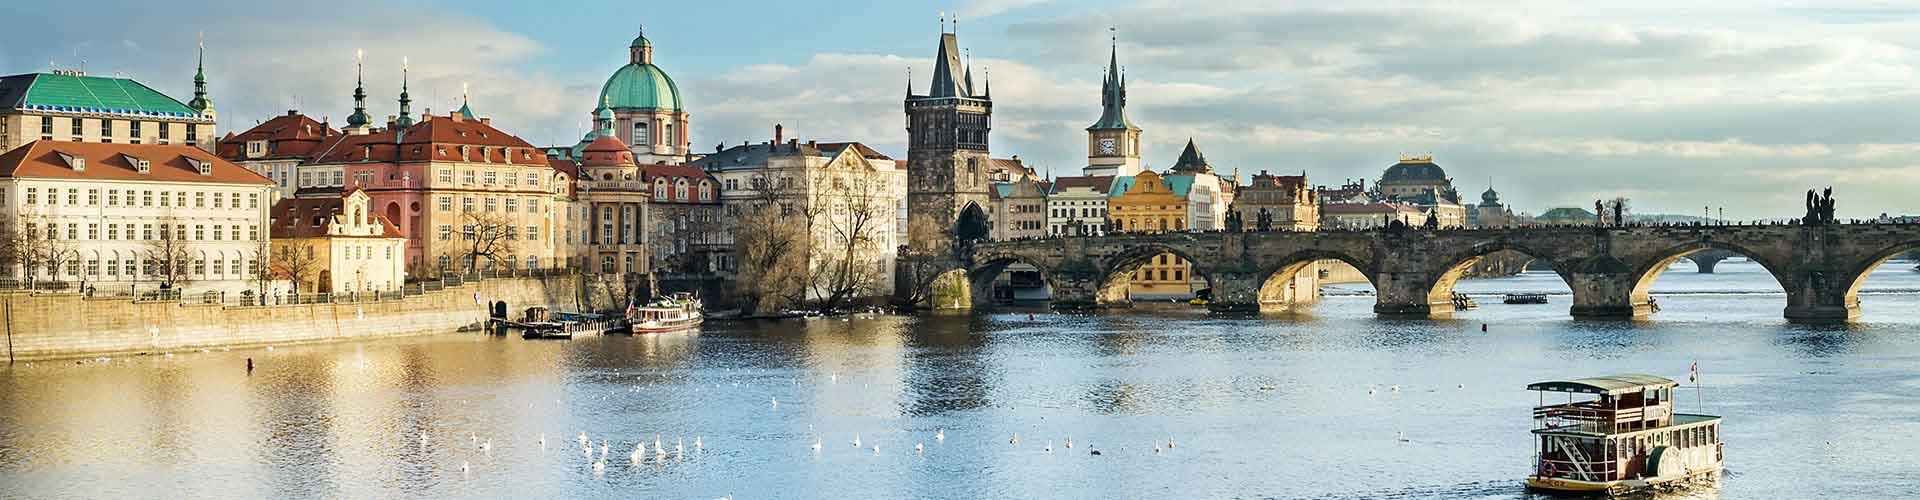 布拉格 – Prague 1区的青年旅舍。布拉格地图,布拉格每间青年旅舍的照片和评价。